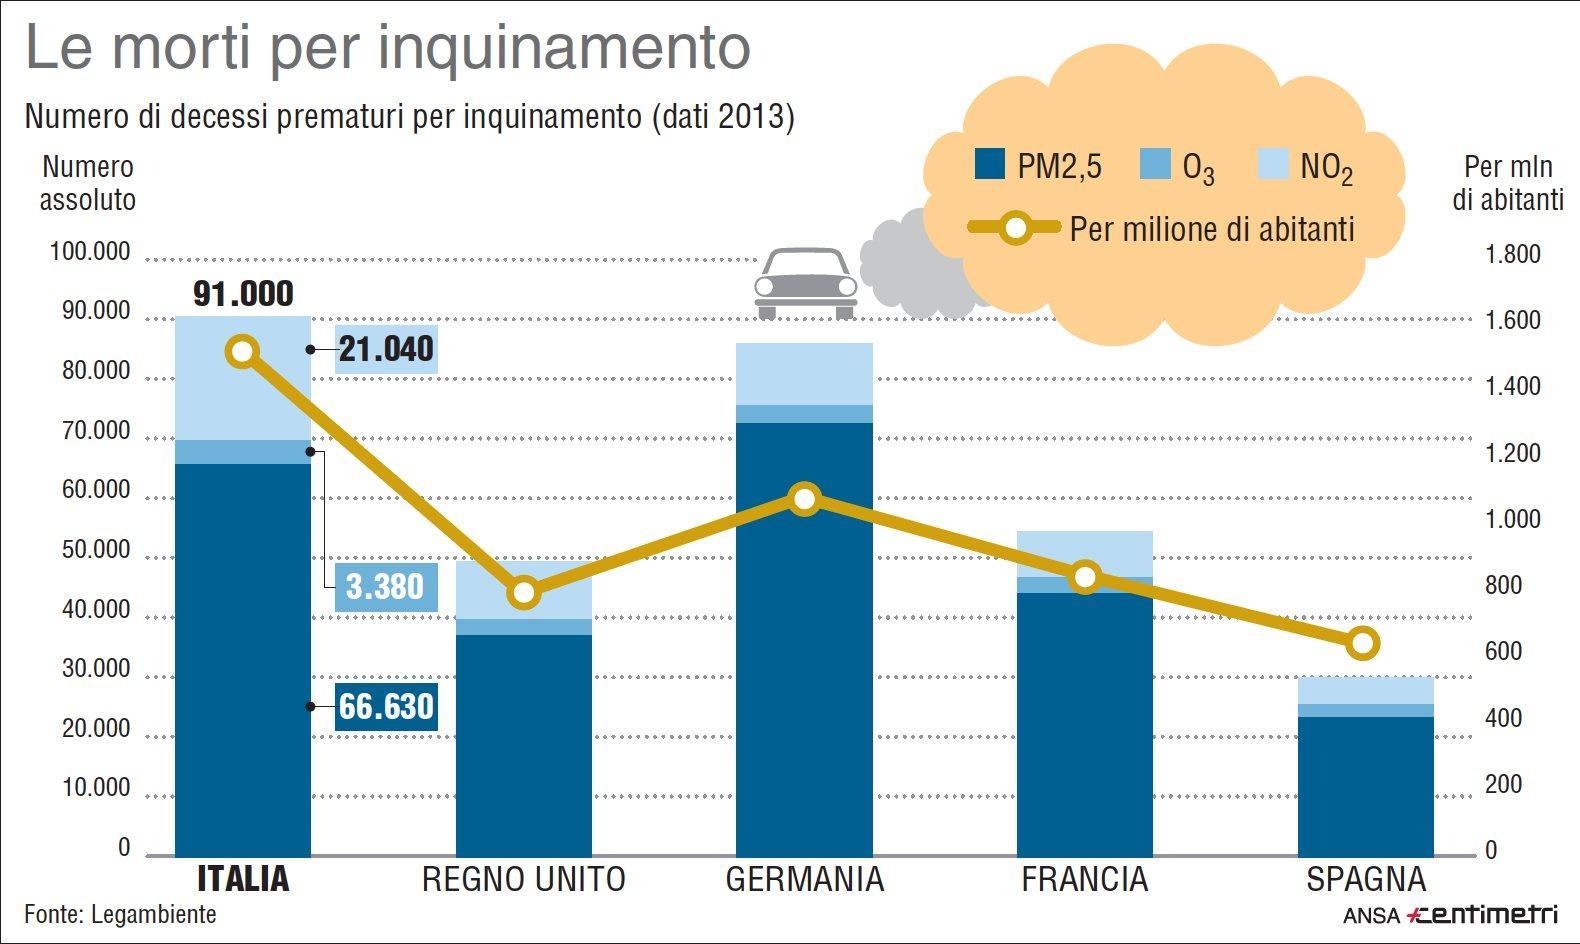 Smog, le morti per inquinamento in Italia e negli altri Paesi europei